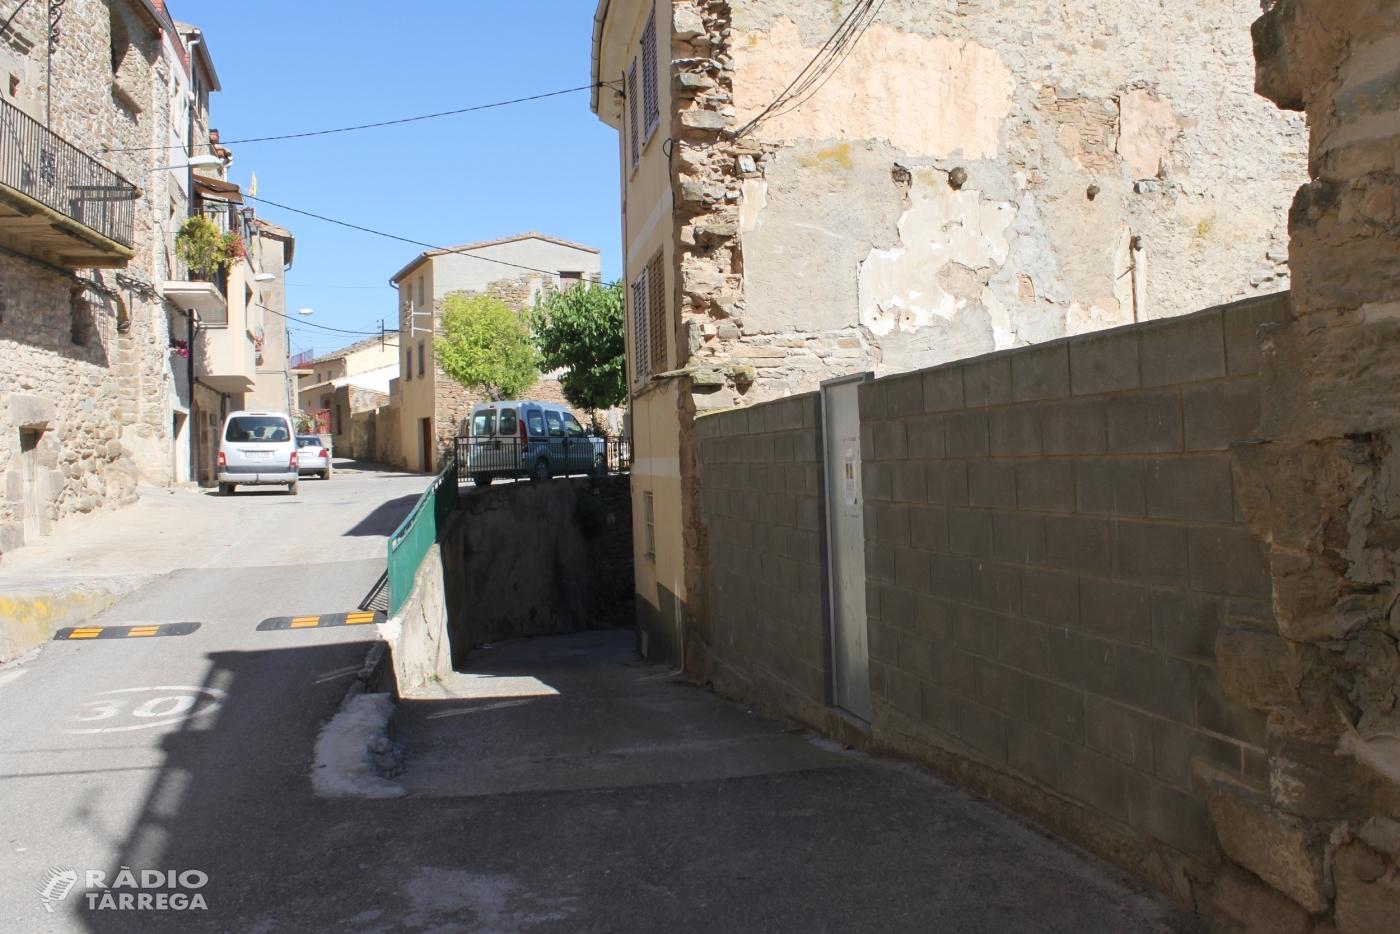 L'Ajuntament de Tàrrega habilitarà una zona d'estacionament gratuït al poble de Claravalls